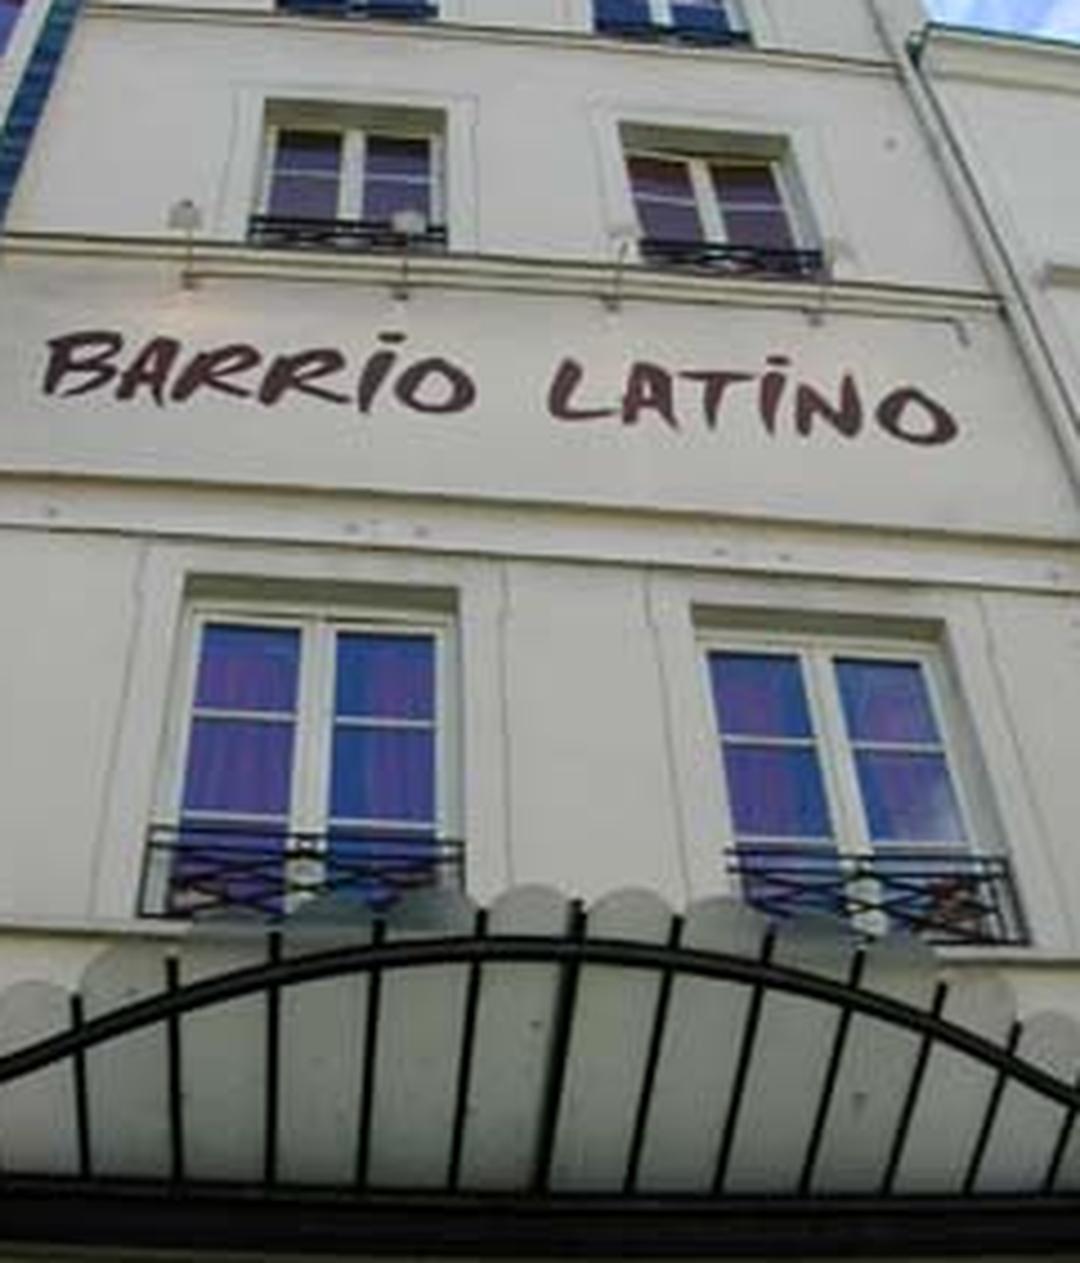 Foto del 5 de febrero de 2016 18:47, Barrio Latino, 46 - 48 Rue du Faubourg Saint-Antoine, 75012 Paris, Francia